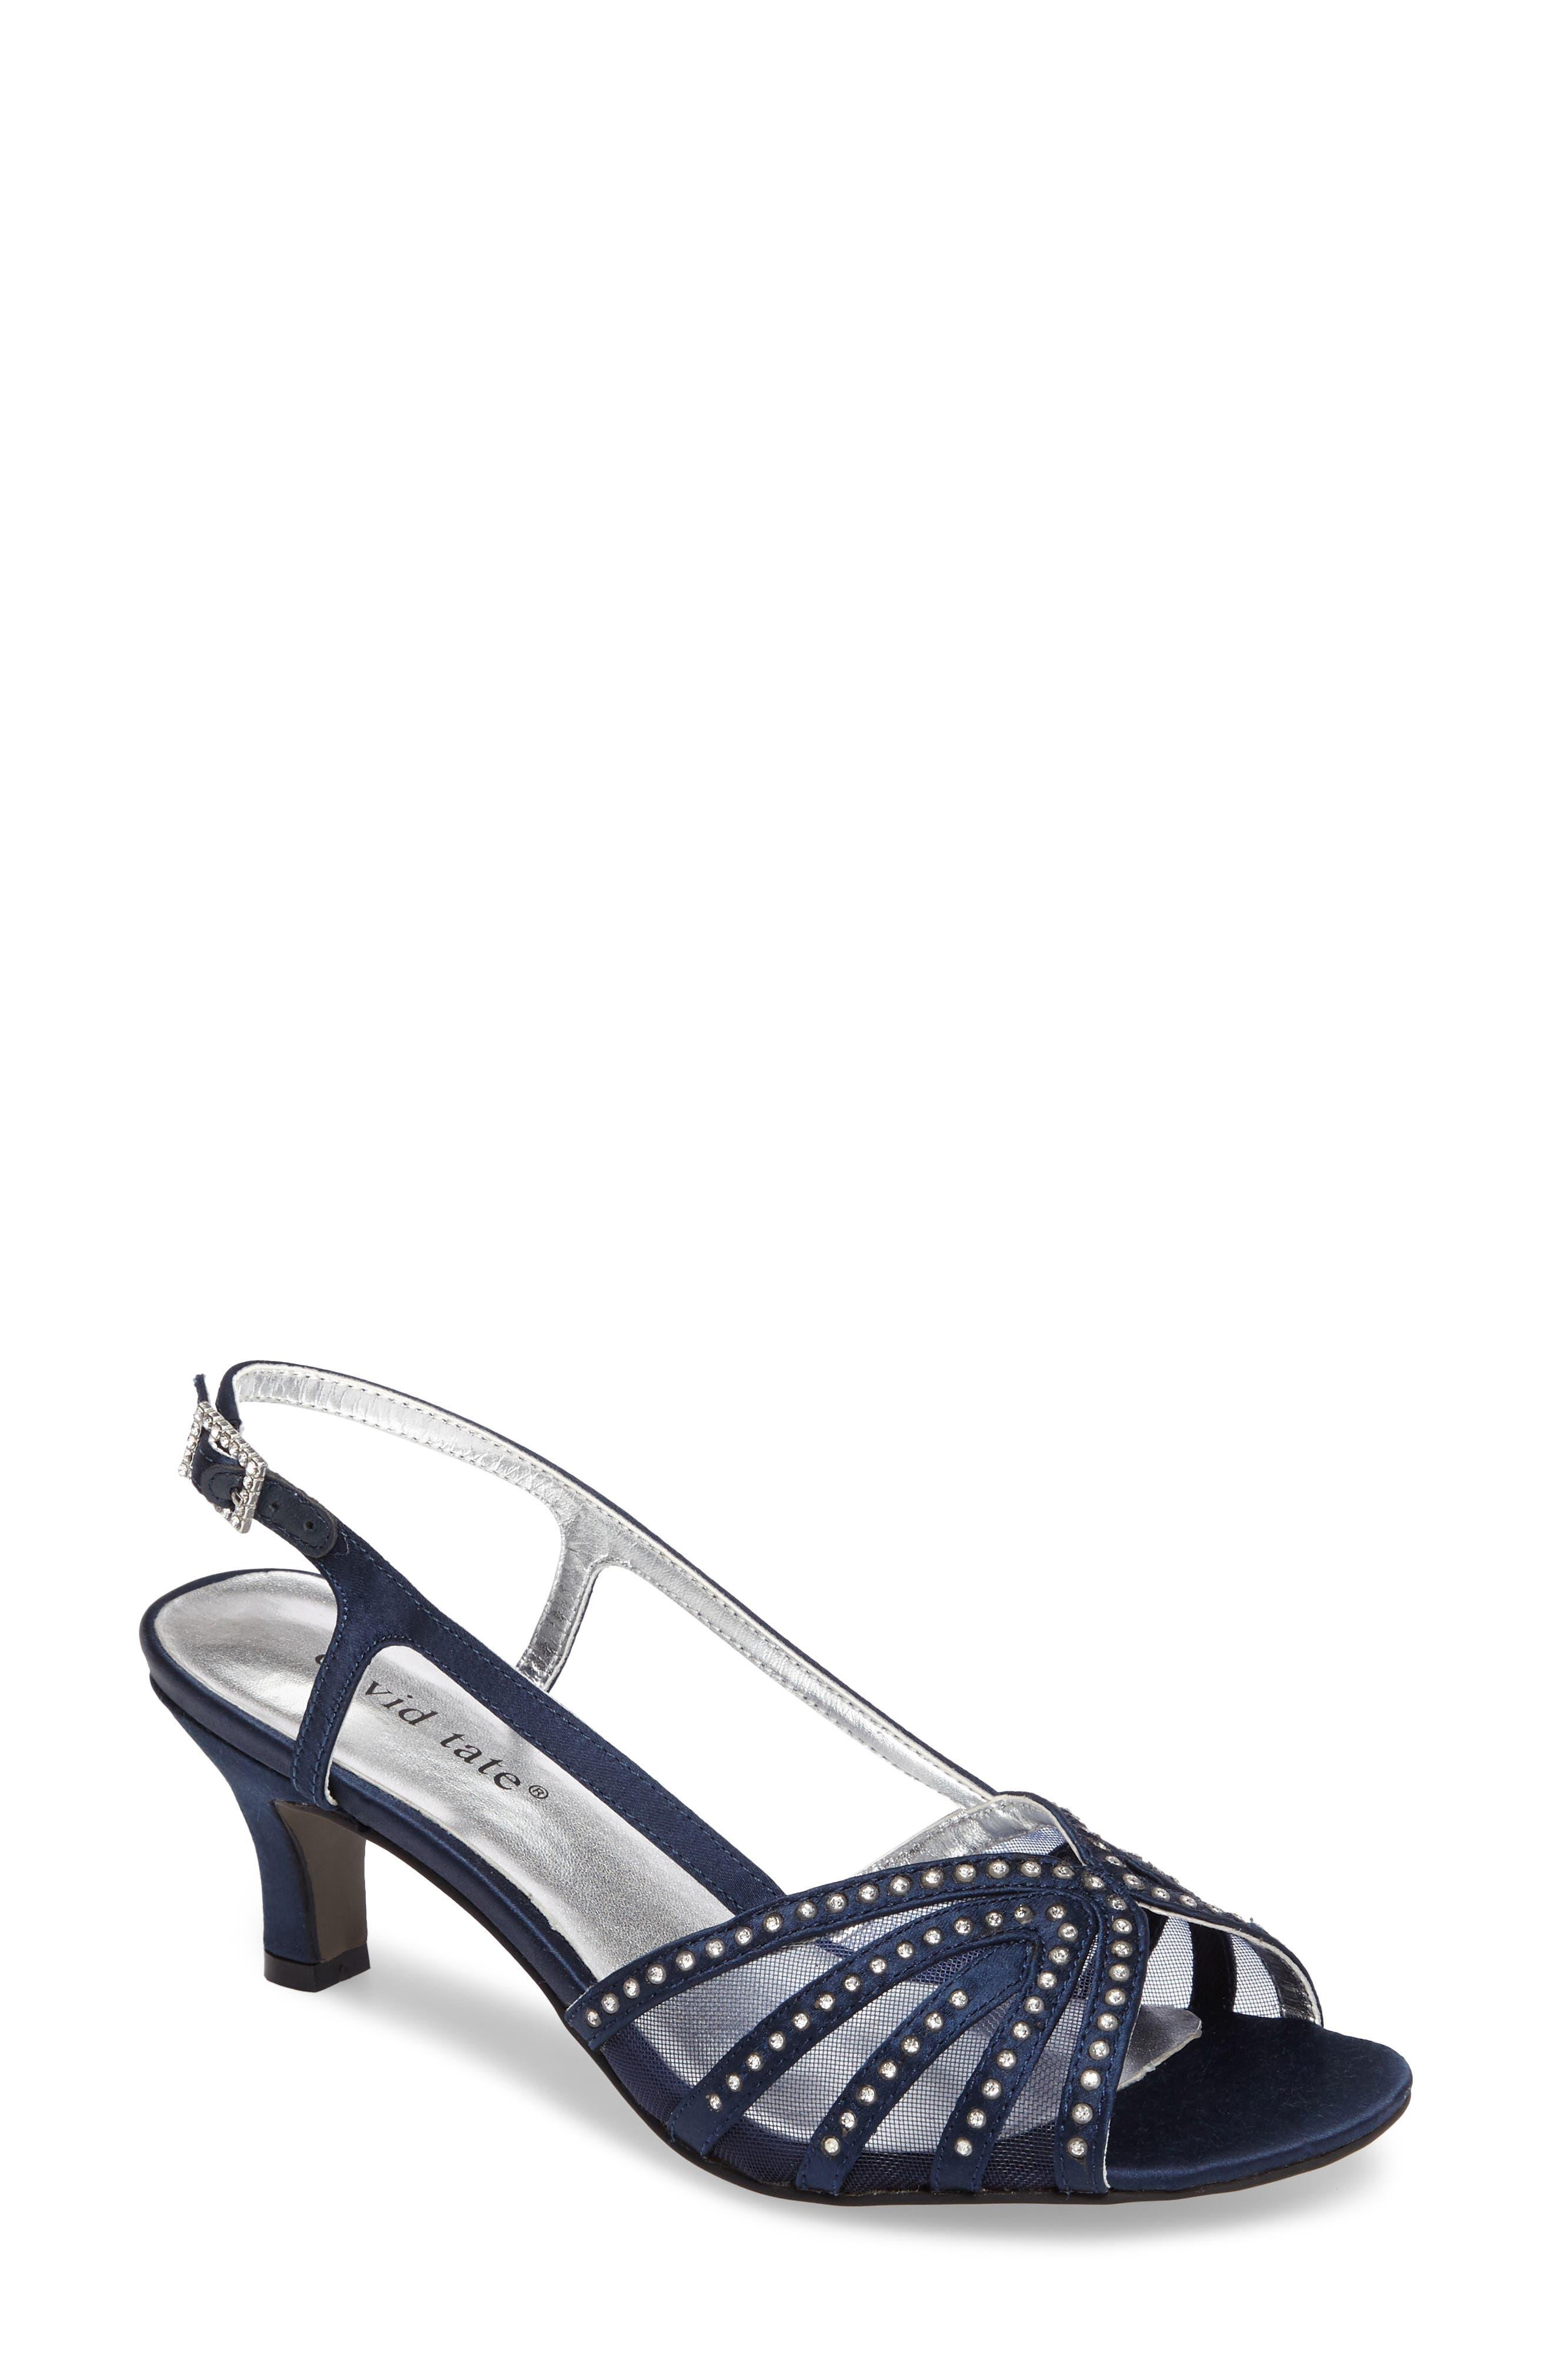 David Tate Sizzle Slingback Sandal, Blue